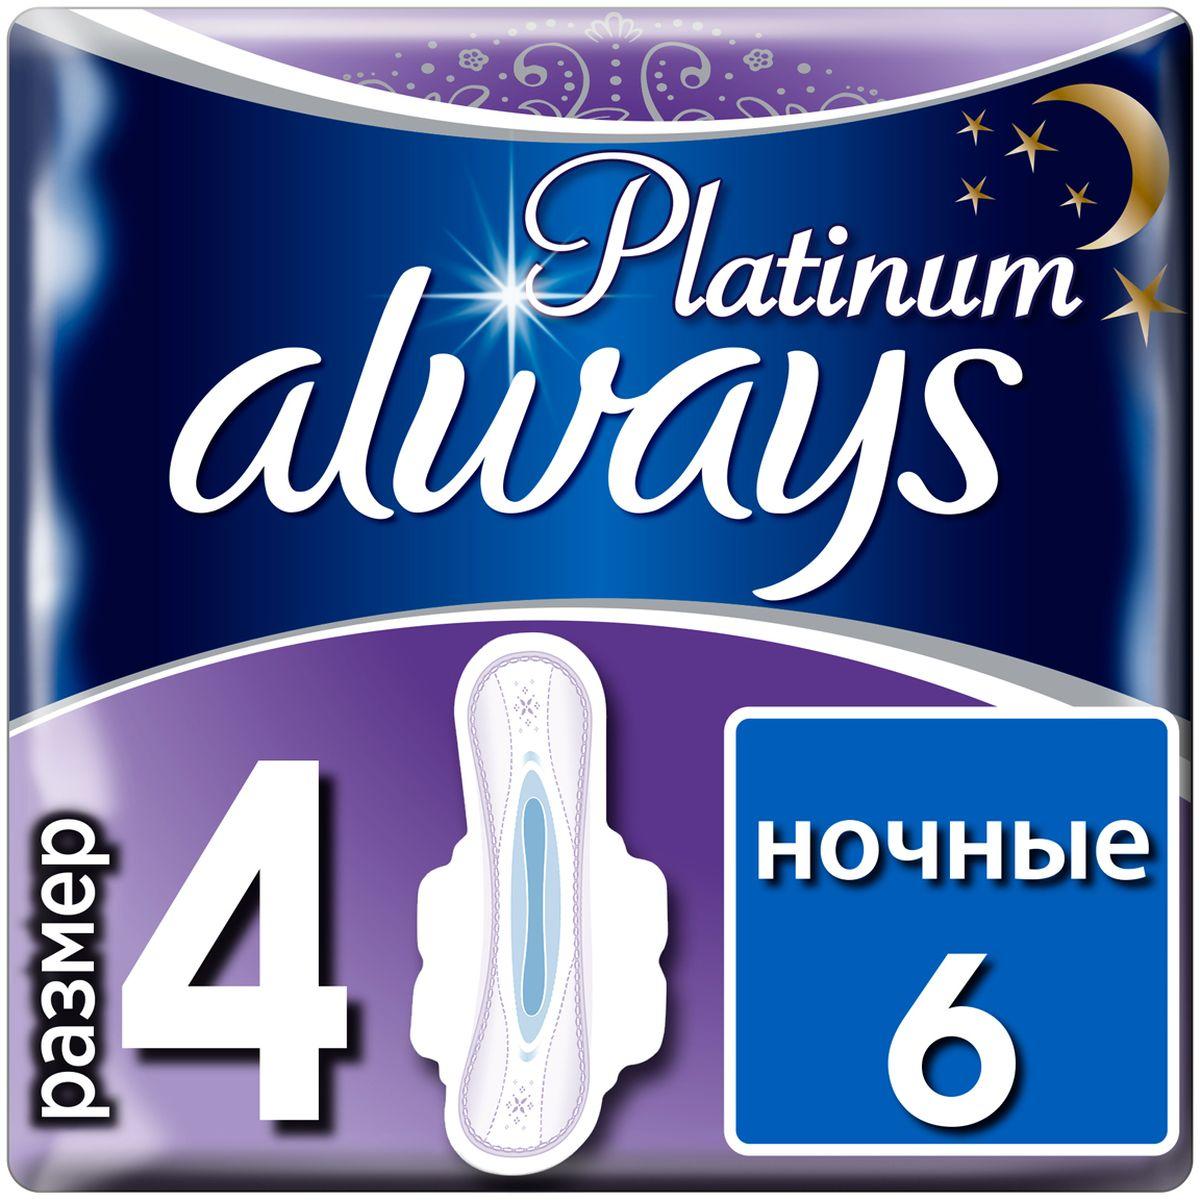 Always Platinum Женские гигиенические прокладки Ultra Night, 6шт8001090430700Гигиенические прокладки Always Platinum Ultra Night (размер4) обеспечивают повышенный комфорт и усиленную защиту (по сравнению с Always Ultra). Гигиенические прокладки Always Platinum с 1000 мягких микроподушечек, действующих подобно боковым барьерам, и усовершенствованным центральным слоем обеспечивают лучшую защиту и комфорт от Always. А благодаря технологии нейтрализации запаха эти прокладки запирают неприятный запах, а не маскируют его. Гигиенические прокладки Always Platinum толщиной всего 3мм дарят невероятное ощущение защиты и комфорта во время менструации. Больше не нужно идти на компромисс. Always Platinum дарят оптимальное сочетание защиты и комфорта. Always Platinum Ultra Night (размер4)- лучшие гигиенические прокладки Always Platinum для защиты в ночное время.